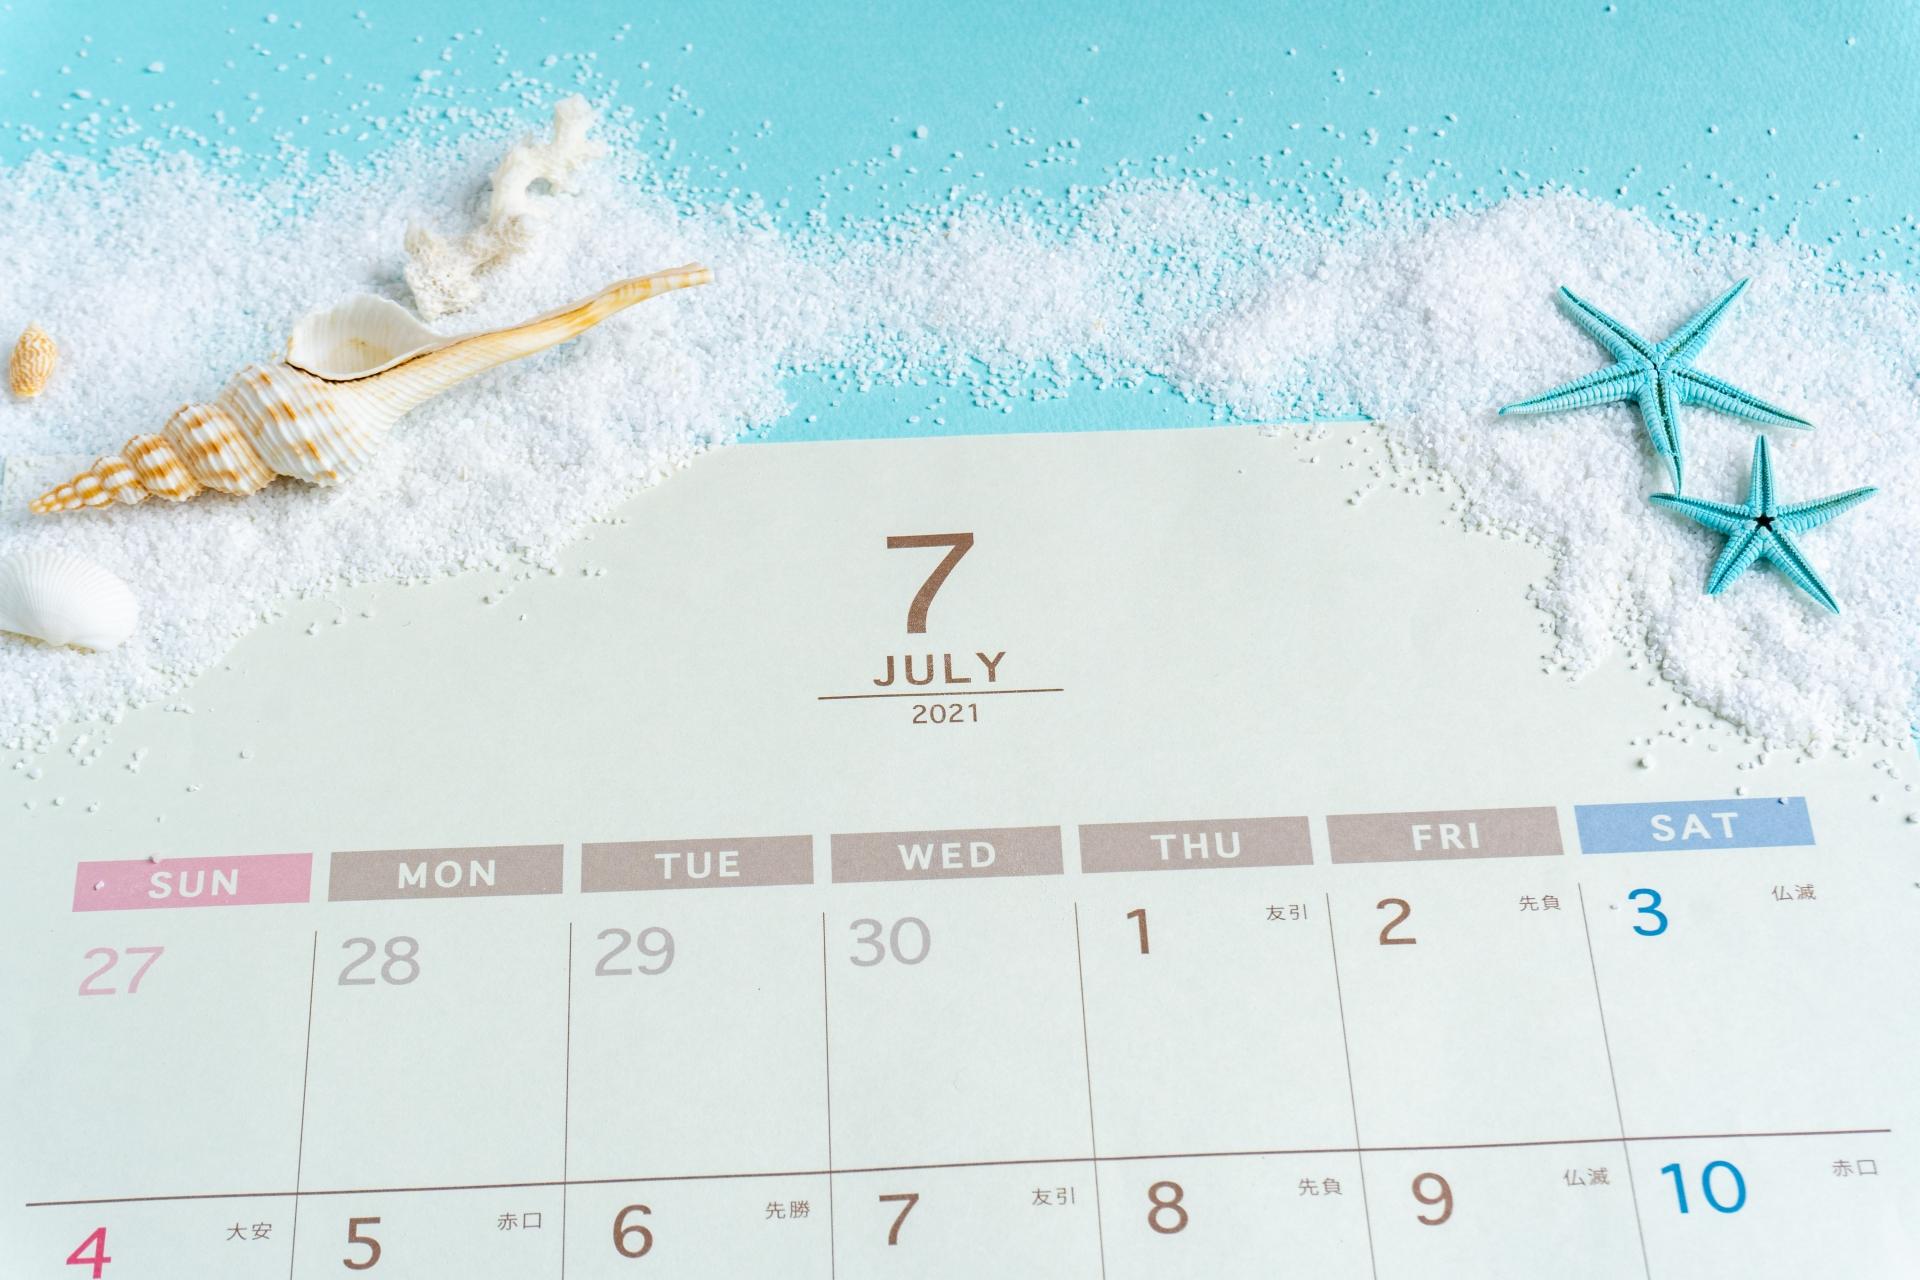 【7月22日は海の日】由来からおすすめしたいイベントとSDGs